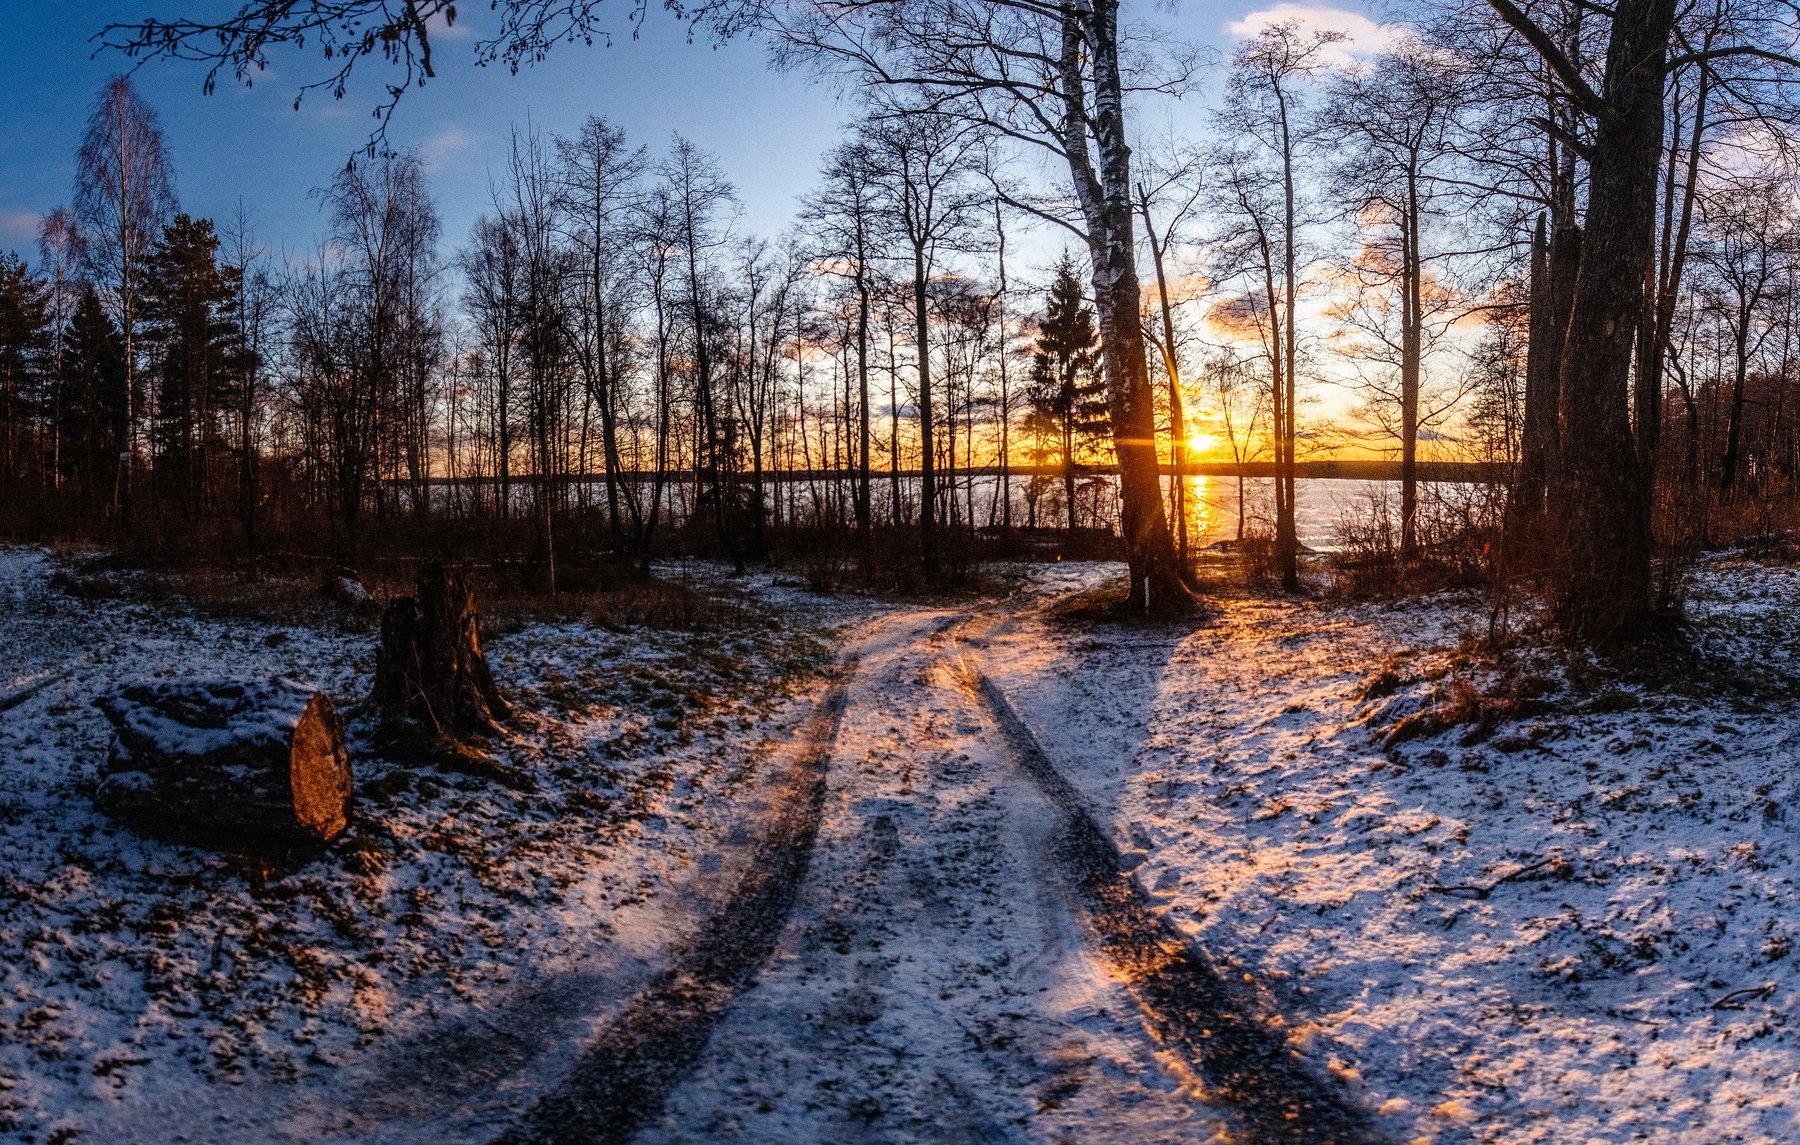 рубское озеро, декабрь, россия, ивановоская область, Воробьёв Евгений